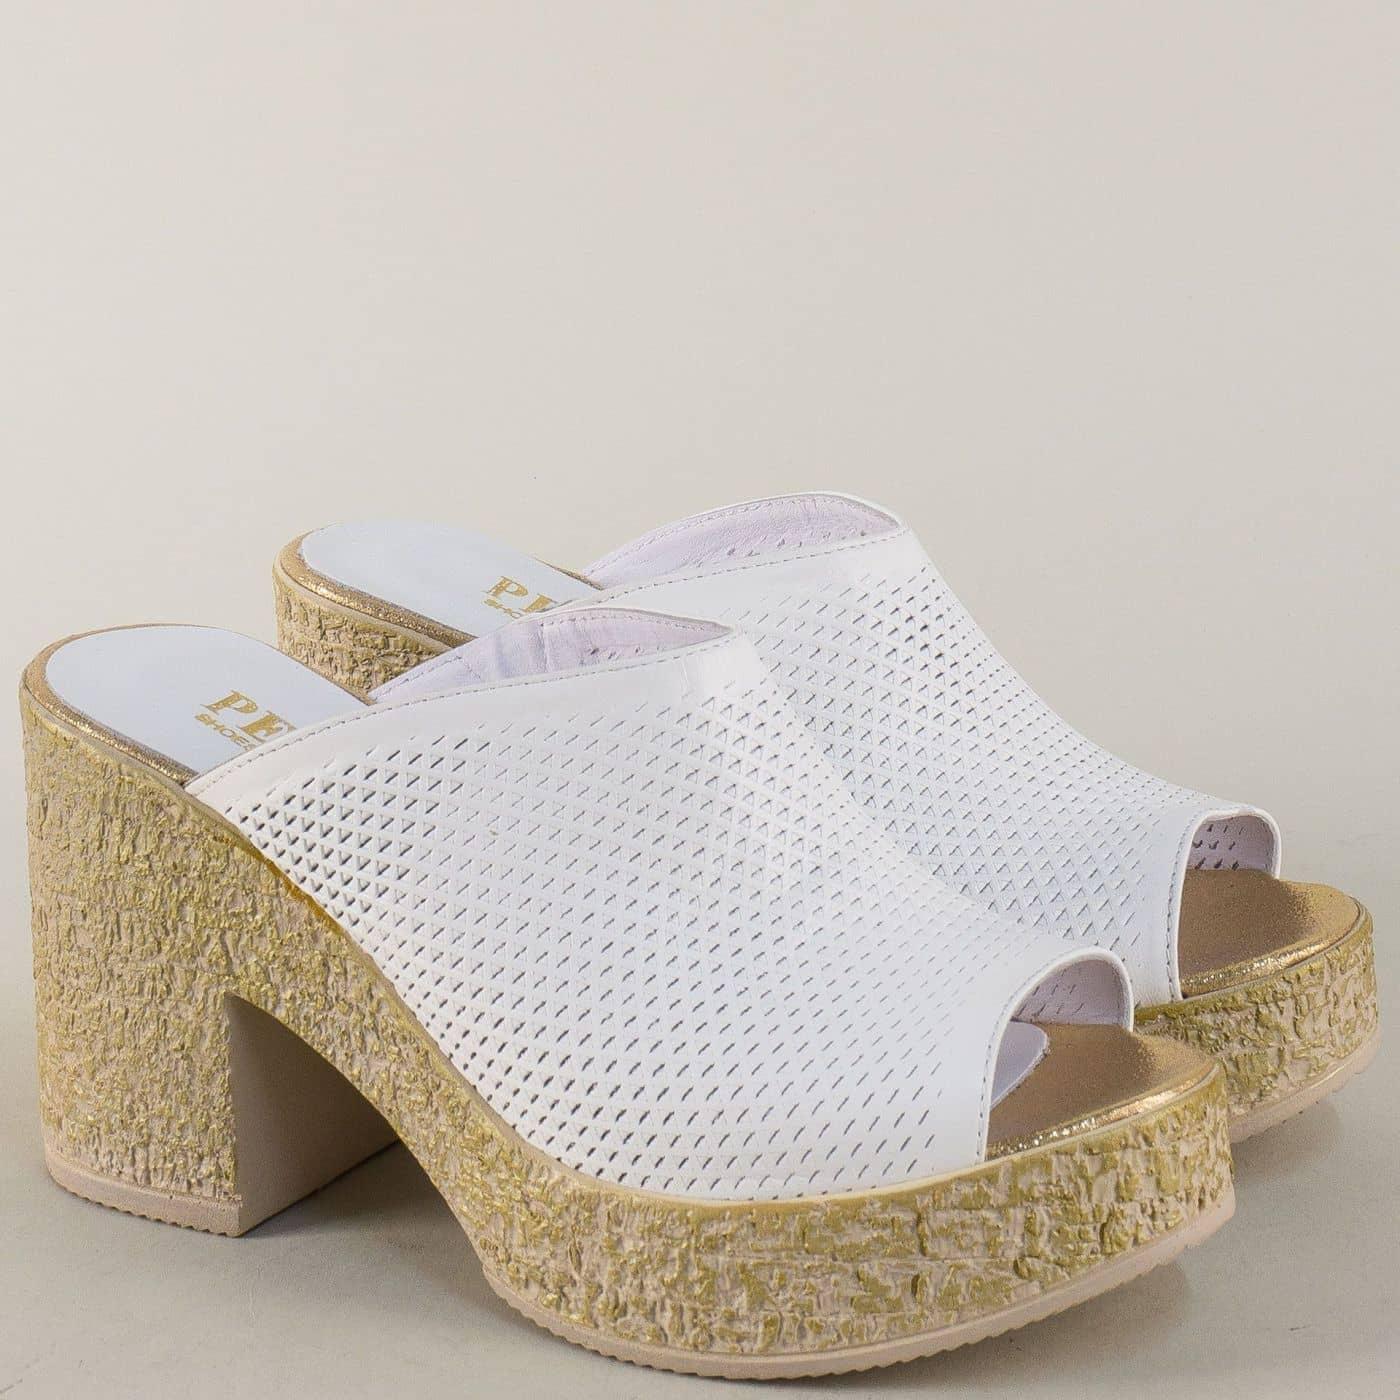 5ce18339a4d Бели дамски чехли от естествена кожа на комфортна платформа с ток n45b -  Zebra 1992